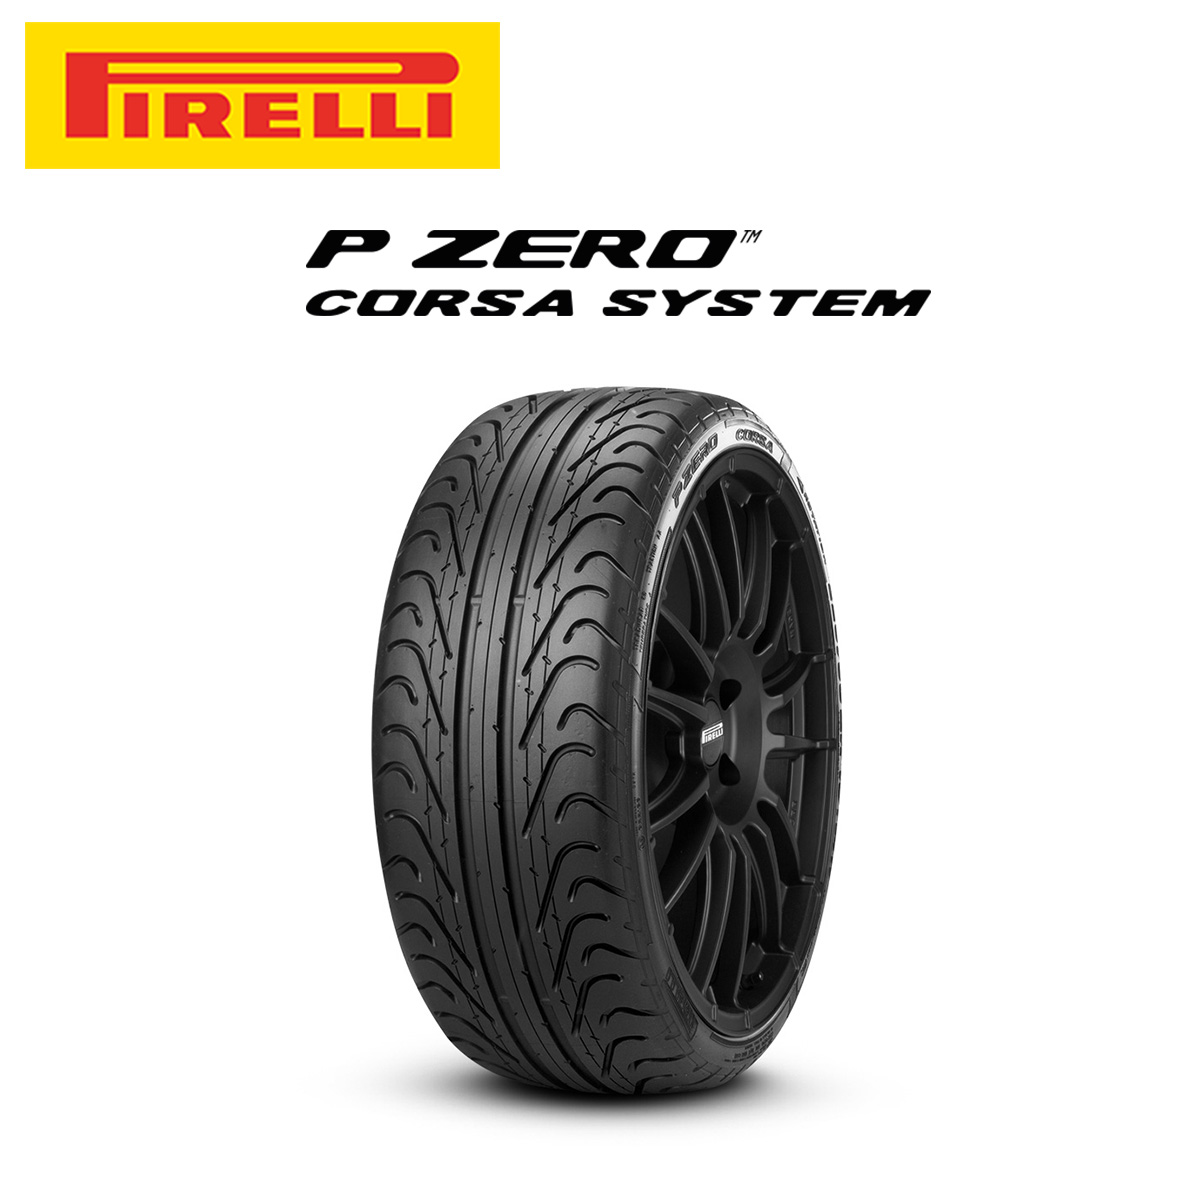 ピレリ PIRELLI P ZERO CORSA ピーゼロコルサ 21インチ サマー タイヤ 1本 355/25ZR21 107Y XL HP:パガーニ承認タイヤ 2813600